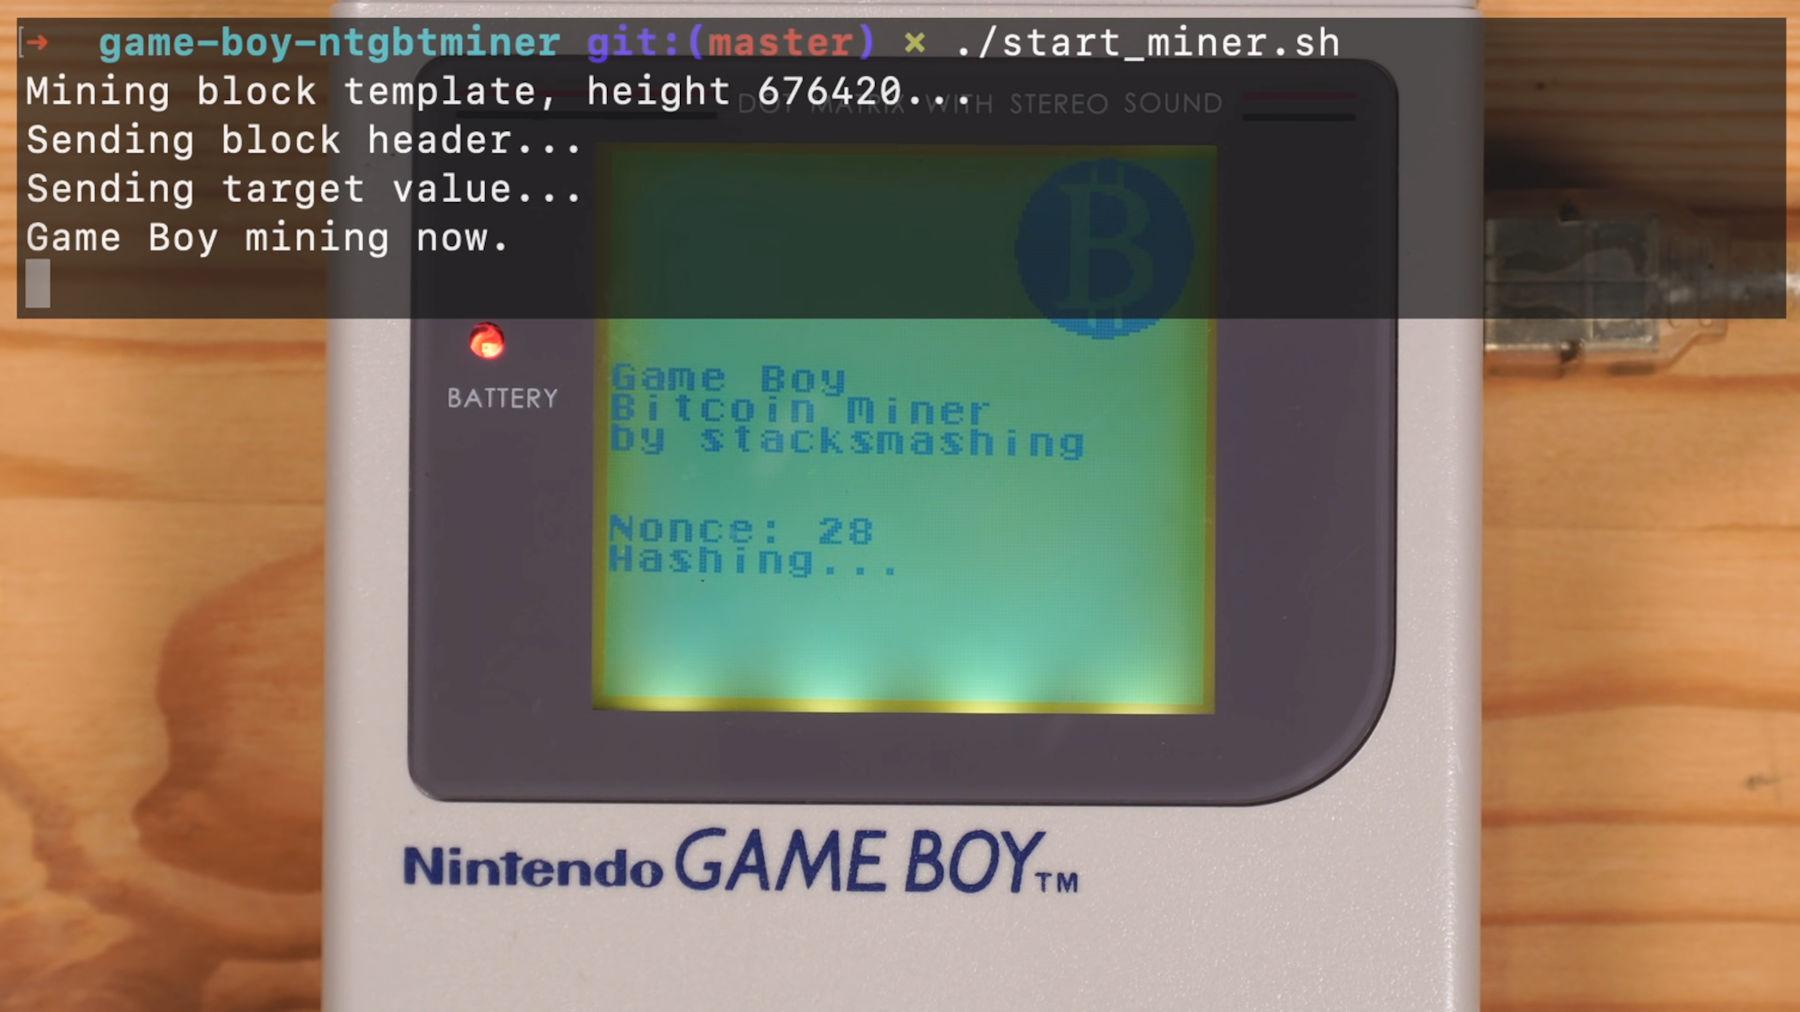 Nintendo Game Boy modded to mine Bitcoin (spoiler: it's slow) – VideoCardz.com